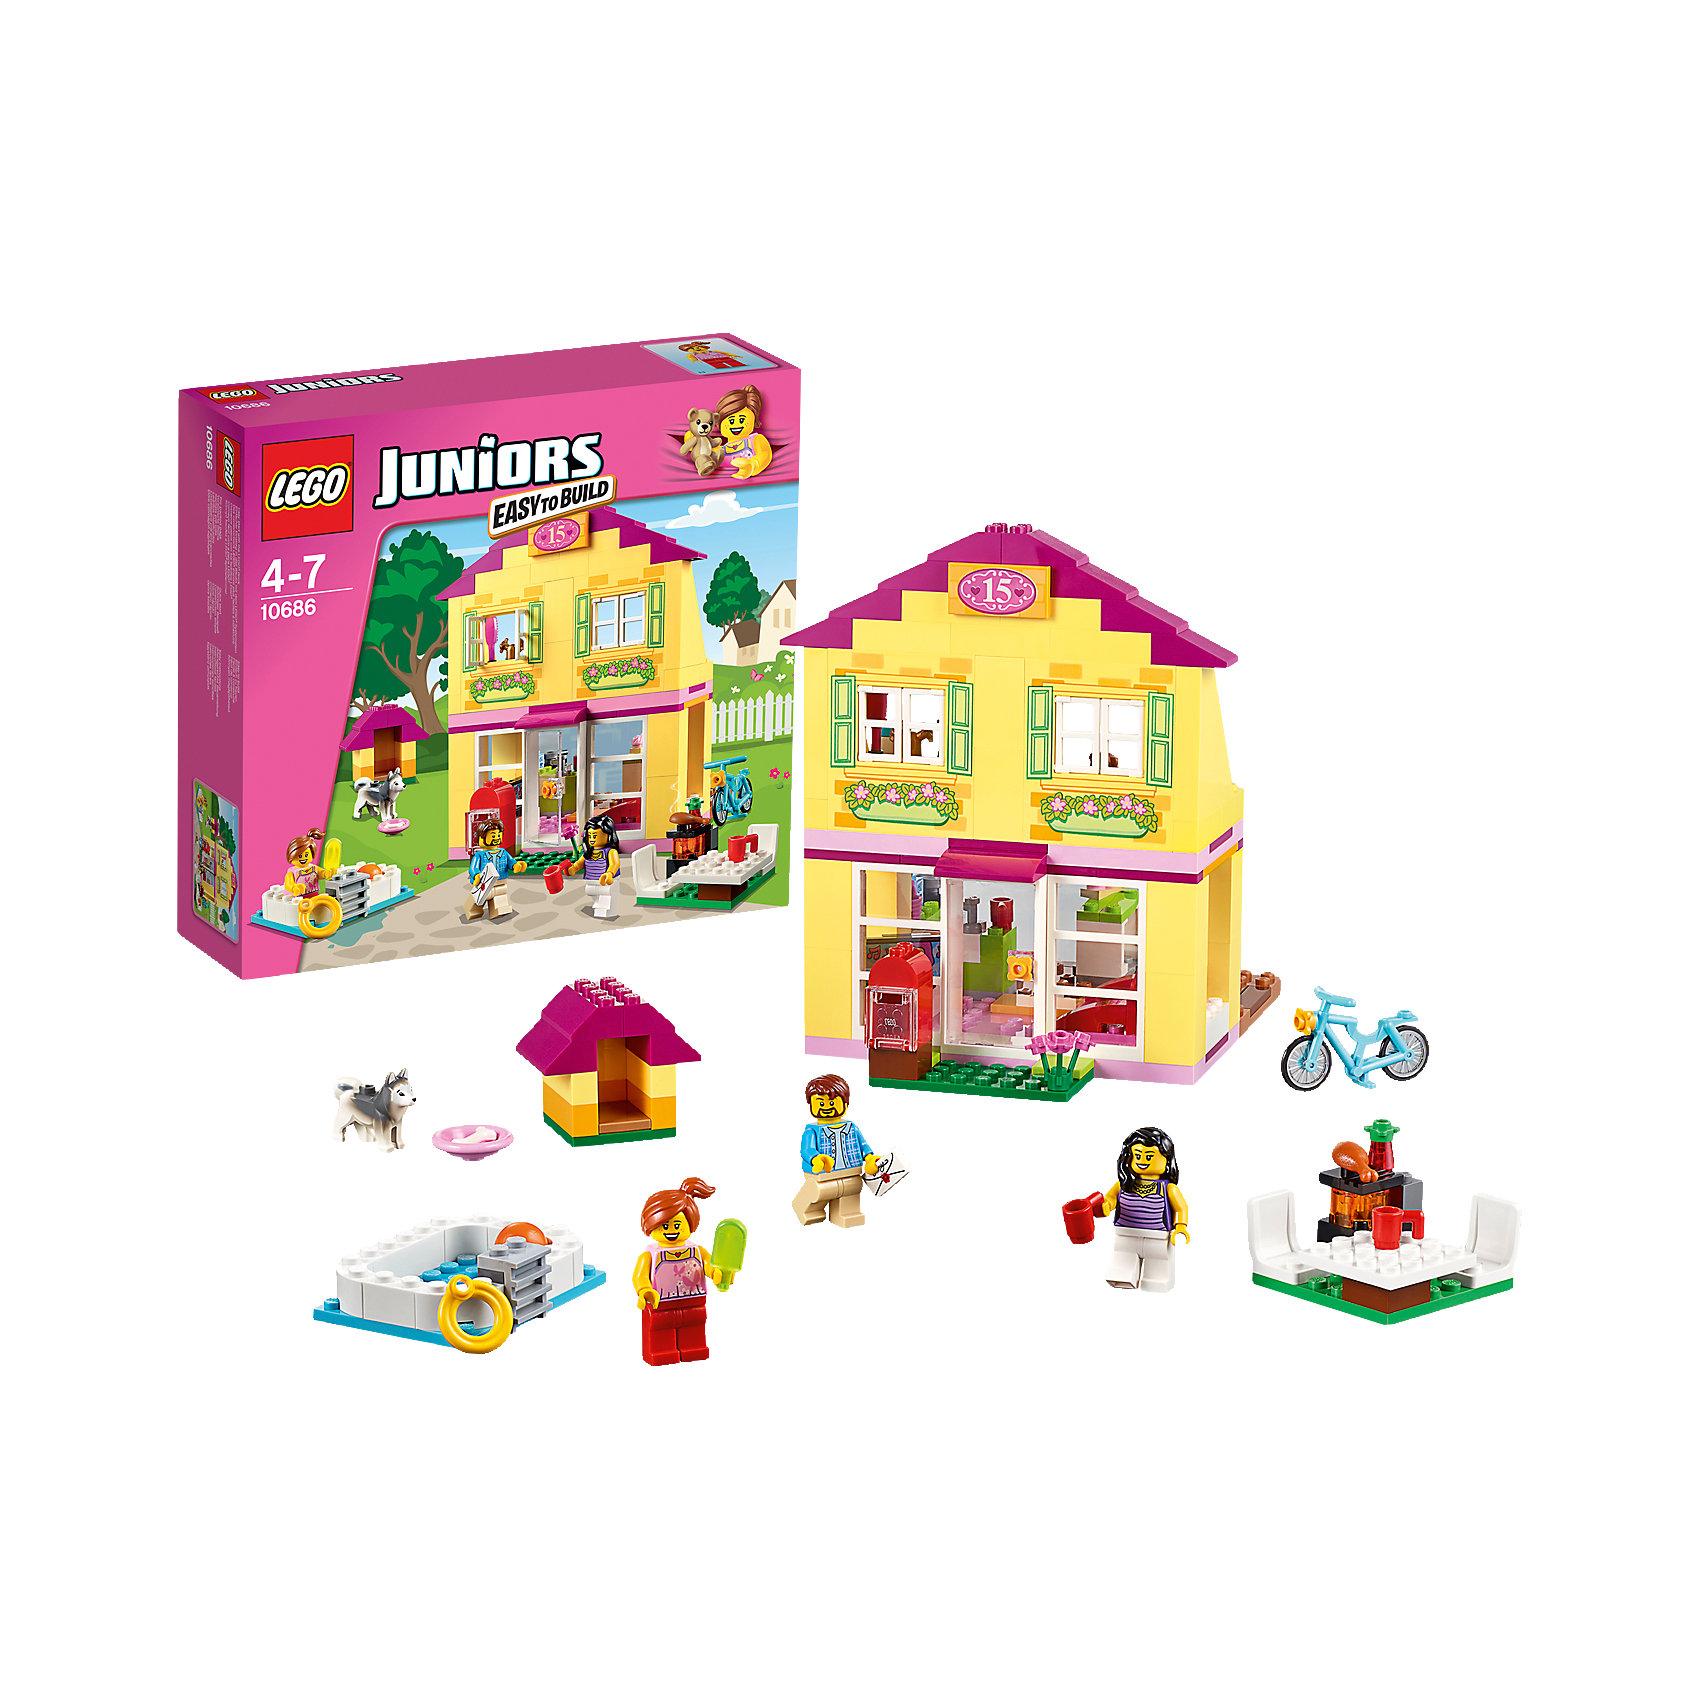 LEGO Juniors 10686: Семейный домикКонструктор LEGO Juniors (ЛЕГО Джуниорс) 10686: Семейный домик - будет очень интересен как мальчишкам, так и девчонкам. Создайте увлекательный мир, полный радостных событий. Жизнь в ярком двухэтажном семейном домике всегда очень насыщенная. В доме оборудована прекрасная гостиная с кухней. Там можно сытно поесть после прогулки на велосипеде, а вечером вместе поваляться на диване. На улице в уютной будке живет щенок - любимец всей семьи. А в жару можно устроить пикник прямо на свежем воздухе: искупаться в бассейне, поиграть в мяч и устроить барбекю. Строя дом и создавая интересные ситуации, ребёнок в увлекательной игровой форме развивает фантазию, мелкую моторику и координацию движений. Ребенок сможет придумать множество увлекательных сюжетов с деталями набора LEGO Juniors (ЛЕГО Джуниорс) 10686: Семейный домик. Подключайте фантазию и Вам никогда не будет скучно в компании LEGO (ЛЕГО)!<br><br>Конструкторы LEGO Juniors (ЛЕГО Джуниорс) - специально разработаны для детей от 4 до 7 лет. Размер кубиков и деталей соответствует обычным размерам. При этом наборы очень просты в сборке. Понятные инструкции позволяют детям быстро получить результат и приступить к игре. Конструкторы этой серии прекрасно детализированы, яркие, прочные, имеют множество различных сюжетов - идеально подходят для реалистичных и познавательных игр.<br><br>Дополнительная информация:<br><br>- Игра с конструктором  LEGO (ЛЕГО) развивает мелкую моторику ребенка, фантазию и воображение, учит его усидчивости и внимательности;<br>- В комплекте: 3 минифигурки (мама, папа, ребенок), собачка, велосипед, посуда, игрушки, множество тематических аксессуаров, детали набора; <br>- Количество деталей: 226 шт;<br>- Отлично подойдет для сюжетно-ролевых игр;<br>- Серия: LEGO Juniors (ЛЕГО Джуниорс);<br>- Материал: высококачественный пластик.<br><br>Конструктор LEGO Juniors (ЛЕГО Джуниорс) 10686: Семейный домик можно купить в нашем интернет-магазине.<br><br>Ширина мм: 285<br>Глубина мм: 26